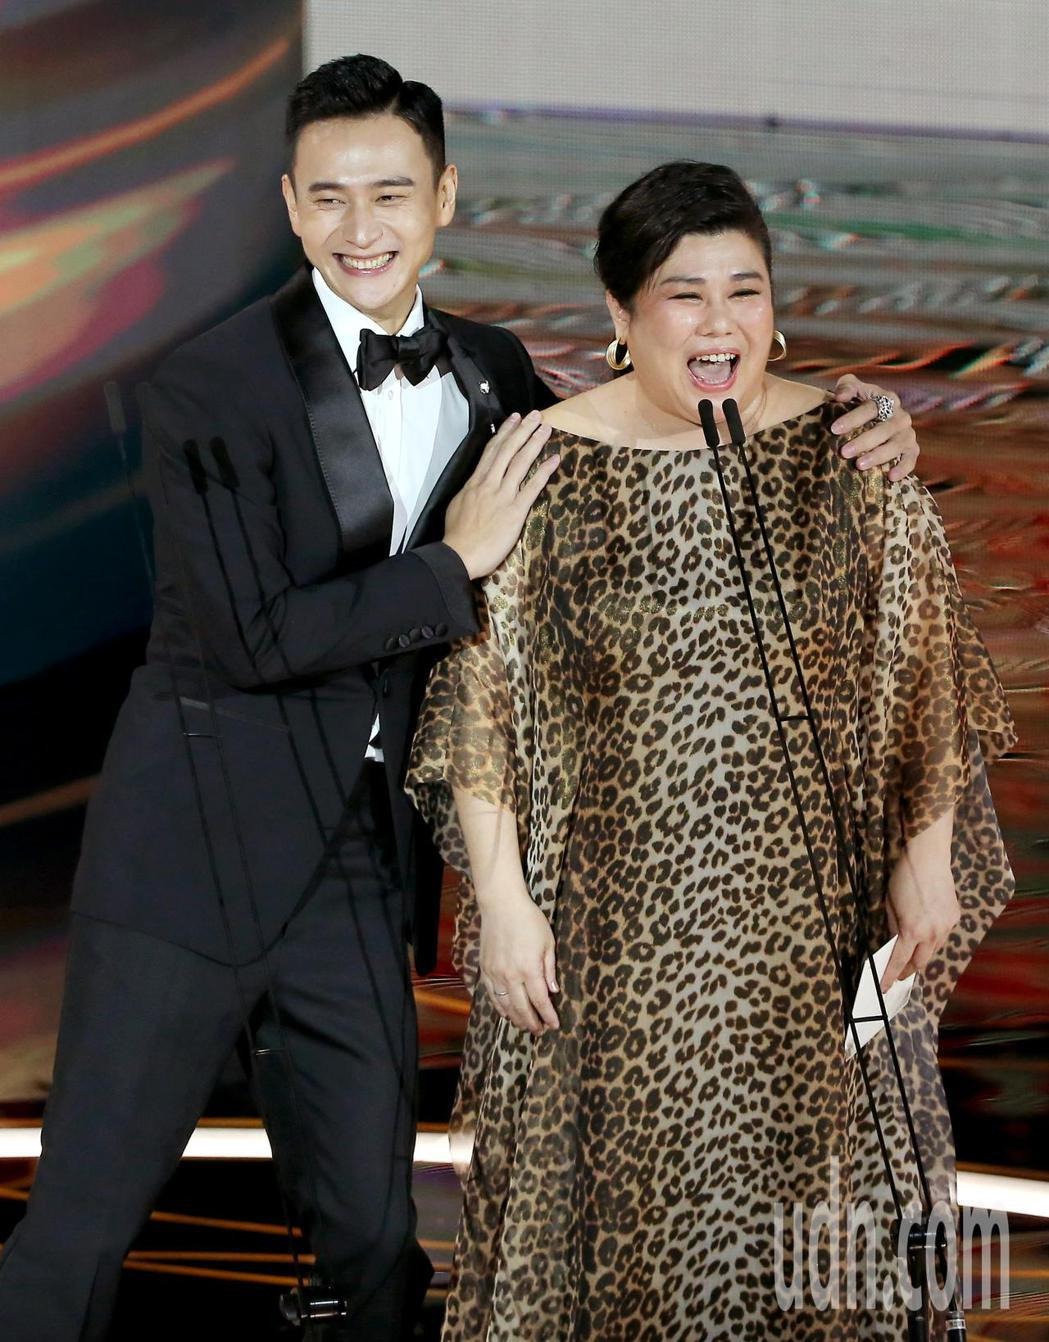 第57屆金馬獎頒獎典禮在國父紀念館舉行,劉冠廷(左)與林美秀(右)擔任頒獎人。記...